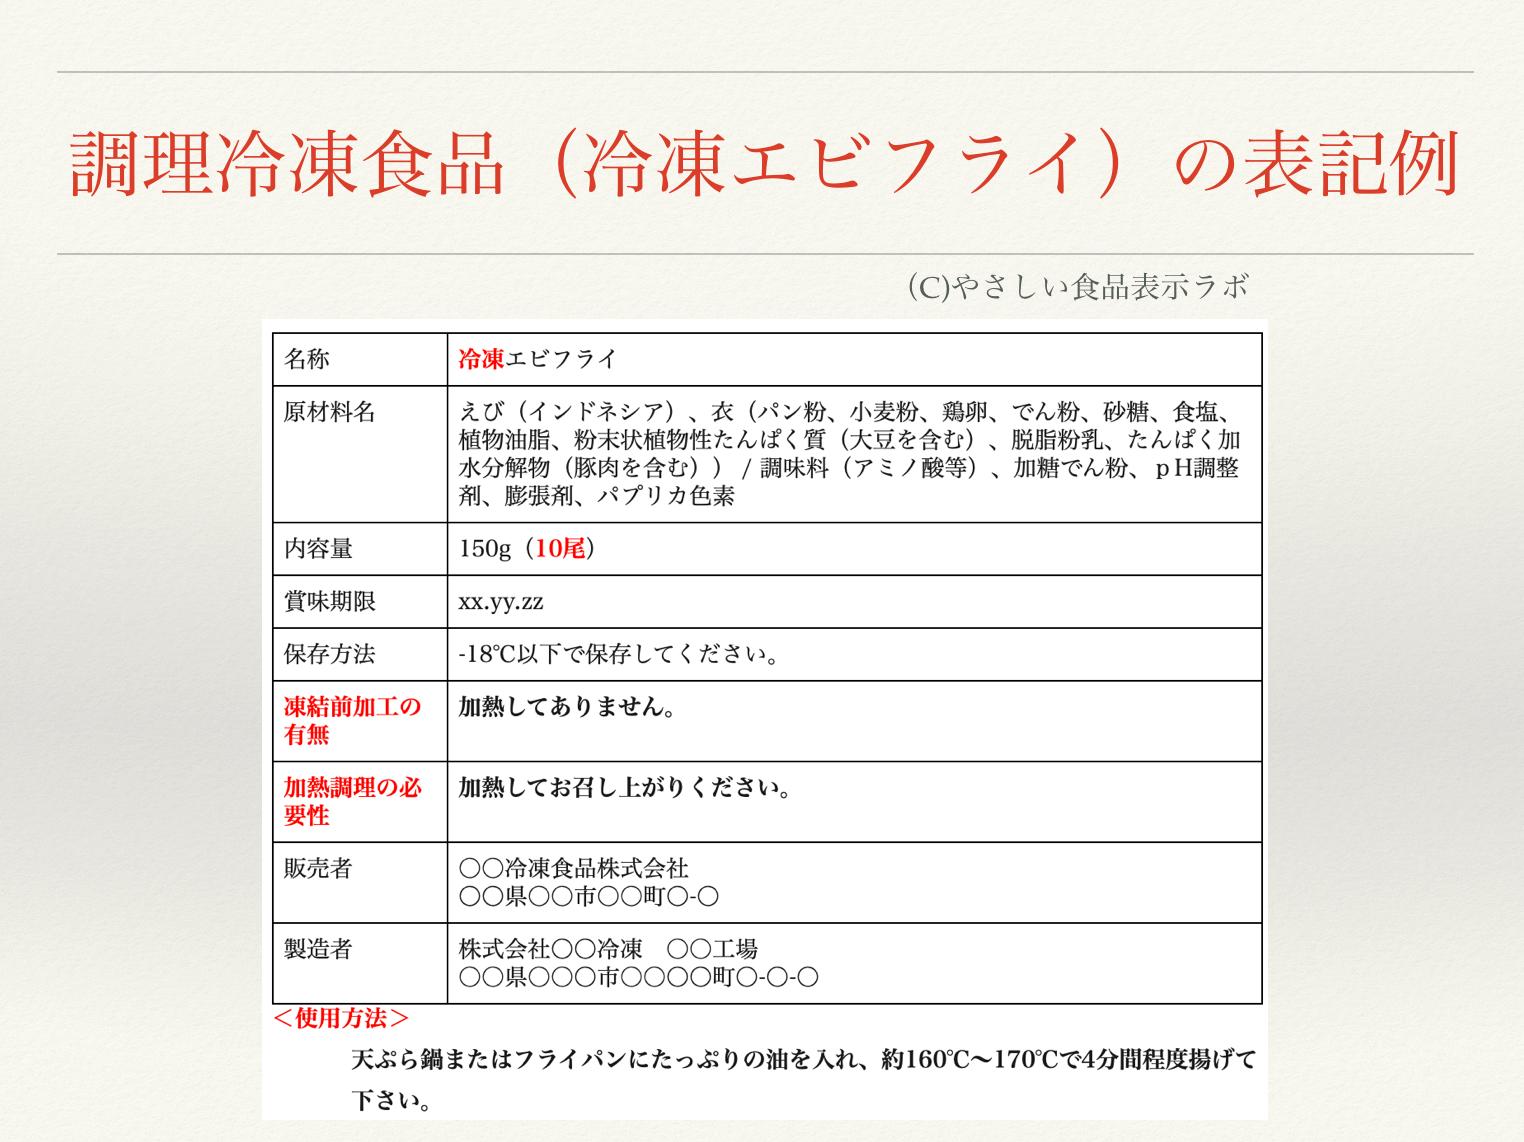 調理冷凍食品(冷凍エビフライ)の食品表示例